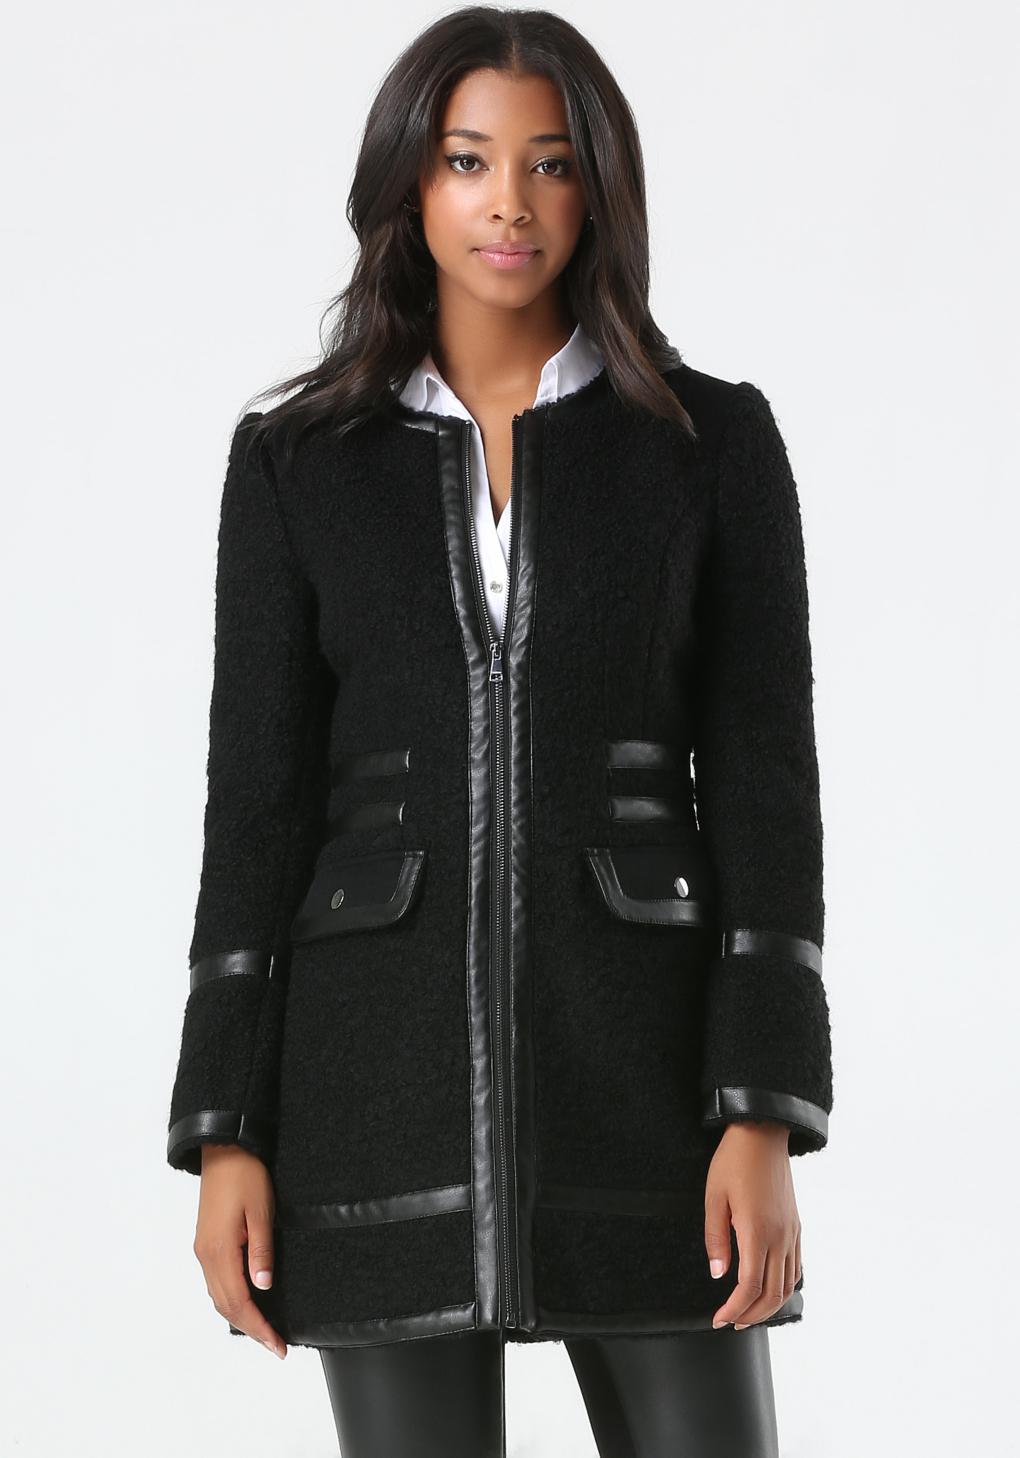 Bebe Wool Boucle Car Coat in Black | Lyst